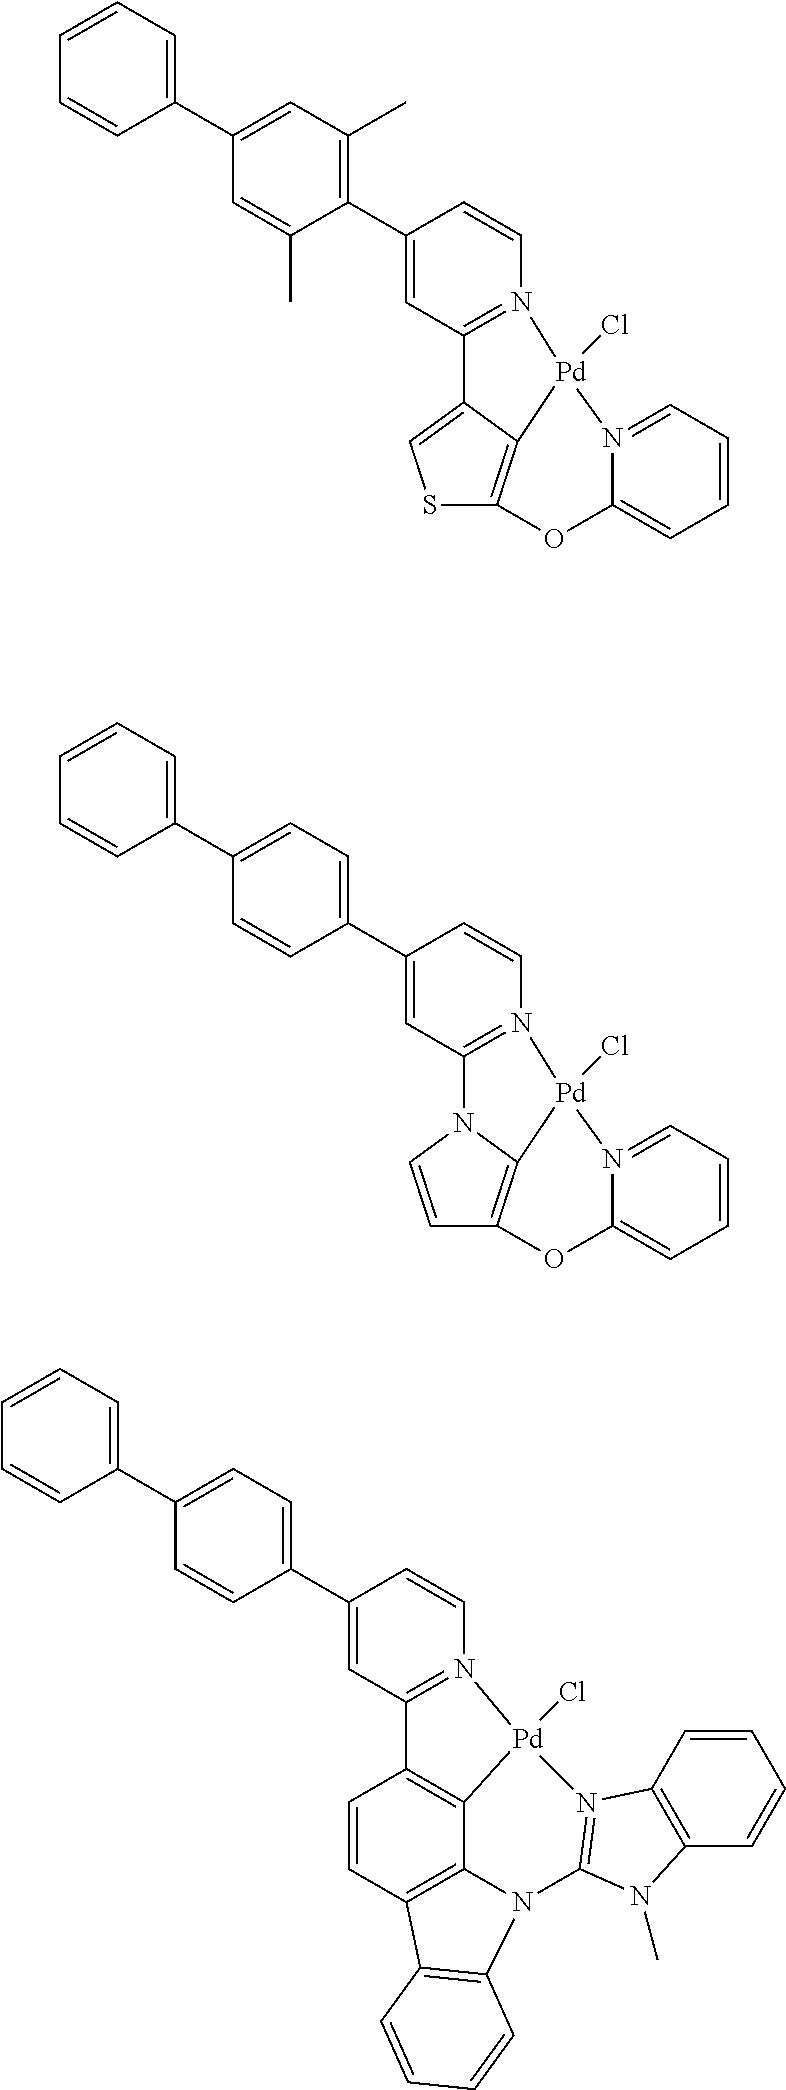 Figure US09818959-20171114-C00206